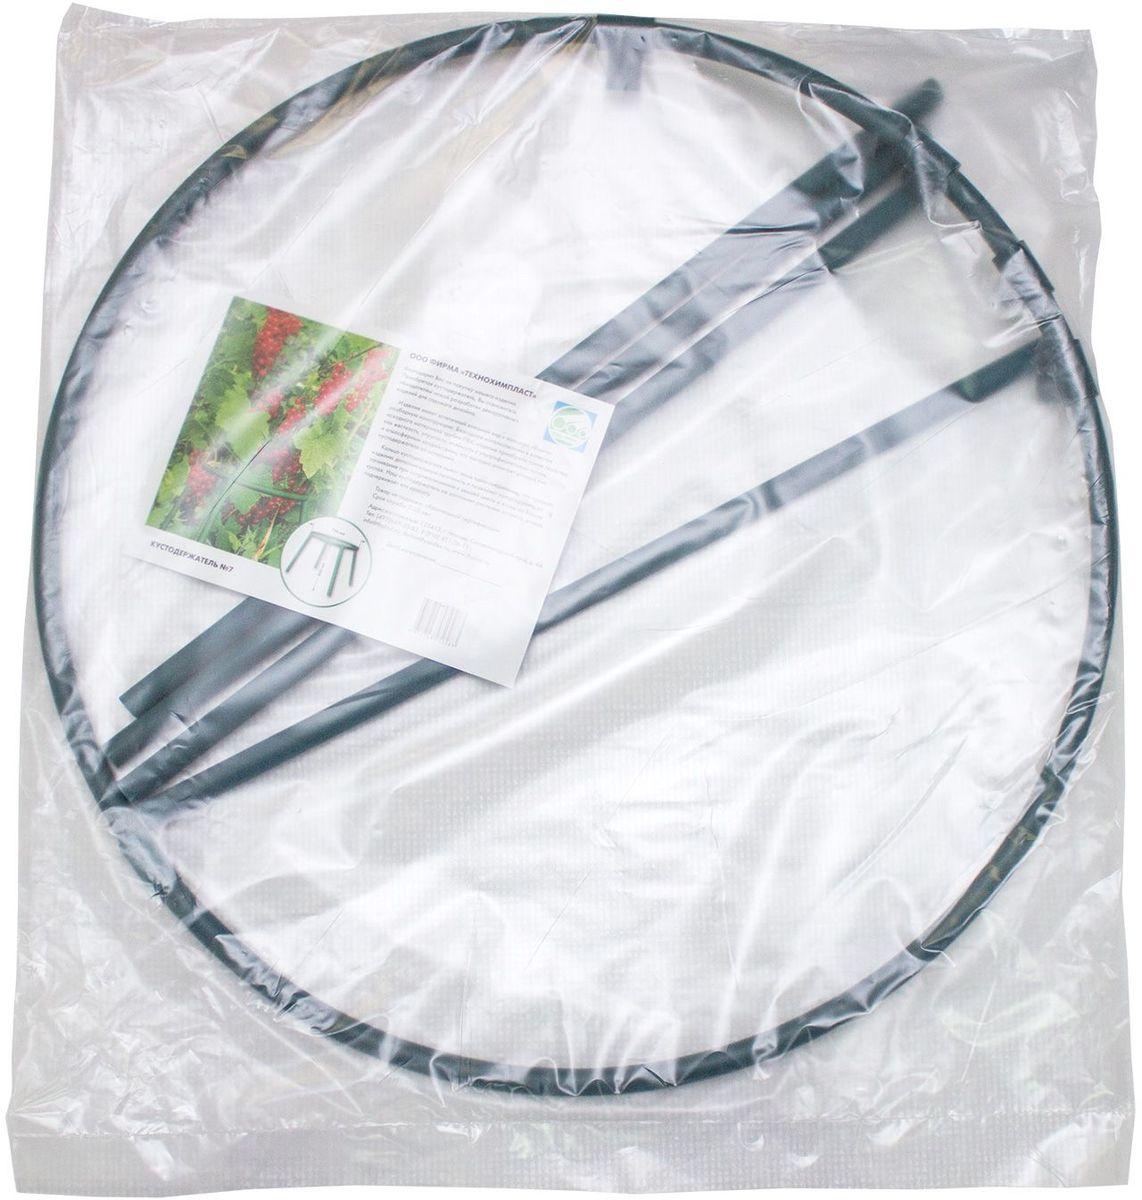 Кустодержатель Технохимпласт №7, цвет: зеленый, высота 75 см Уцененный товар (№2)